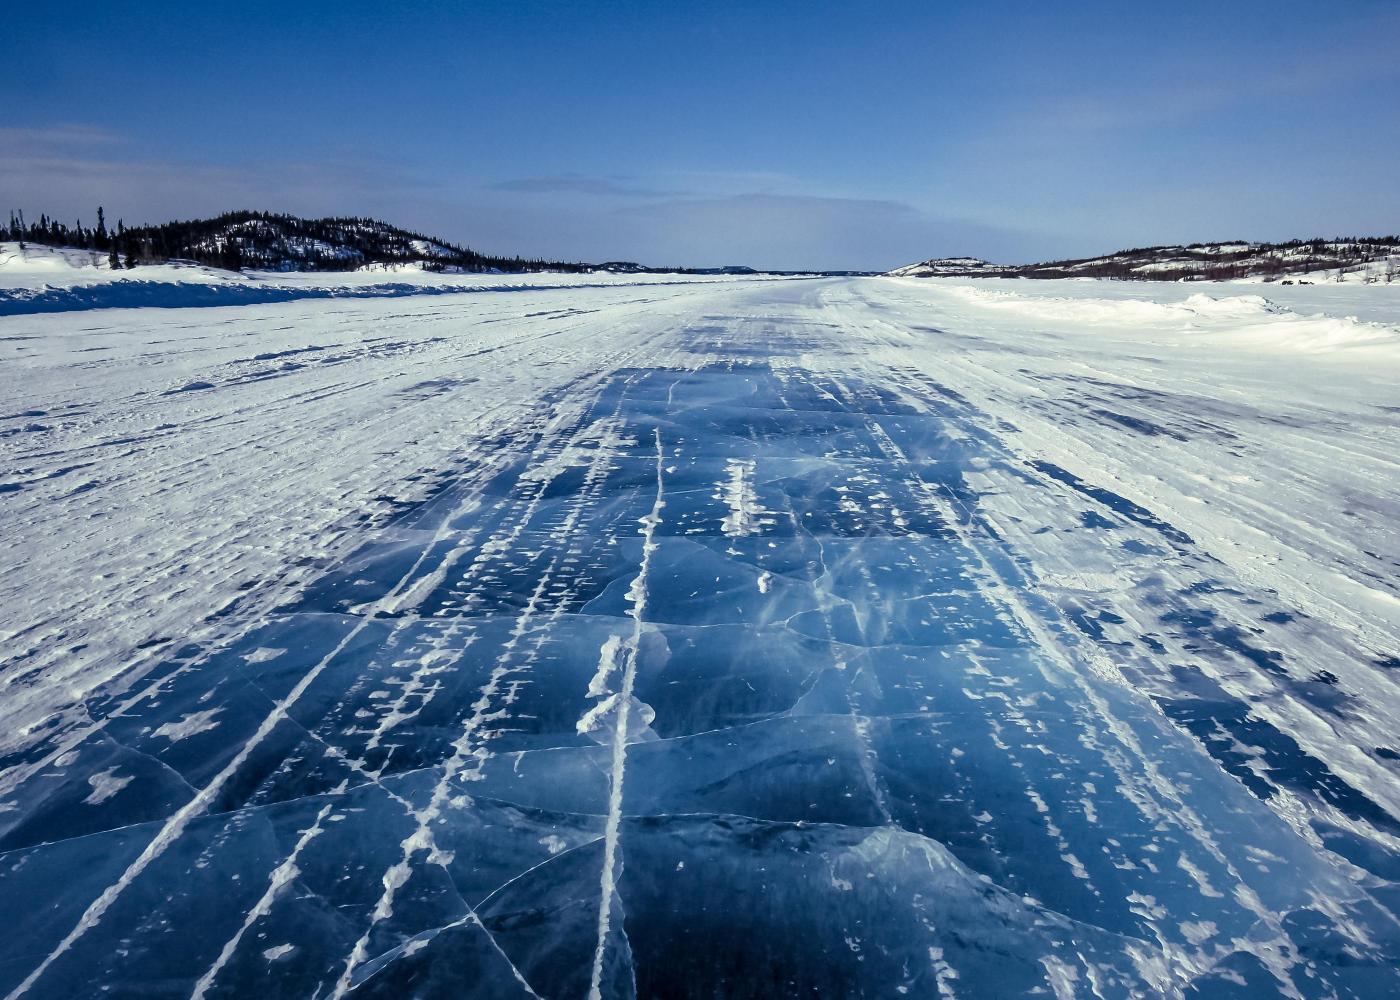 đường mùa đông tukoyaktuk